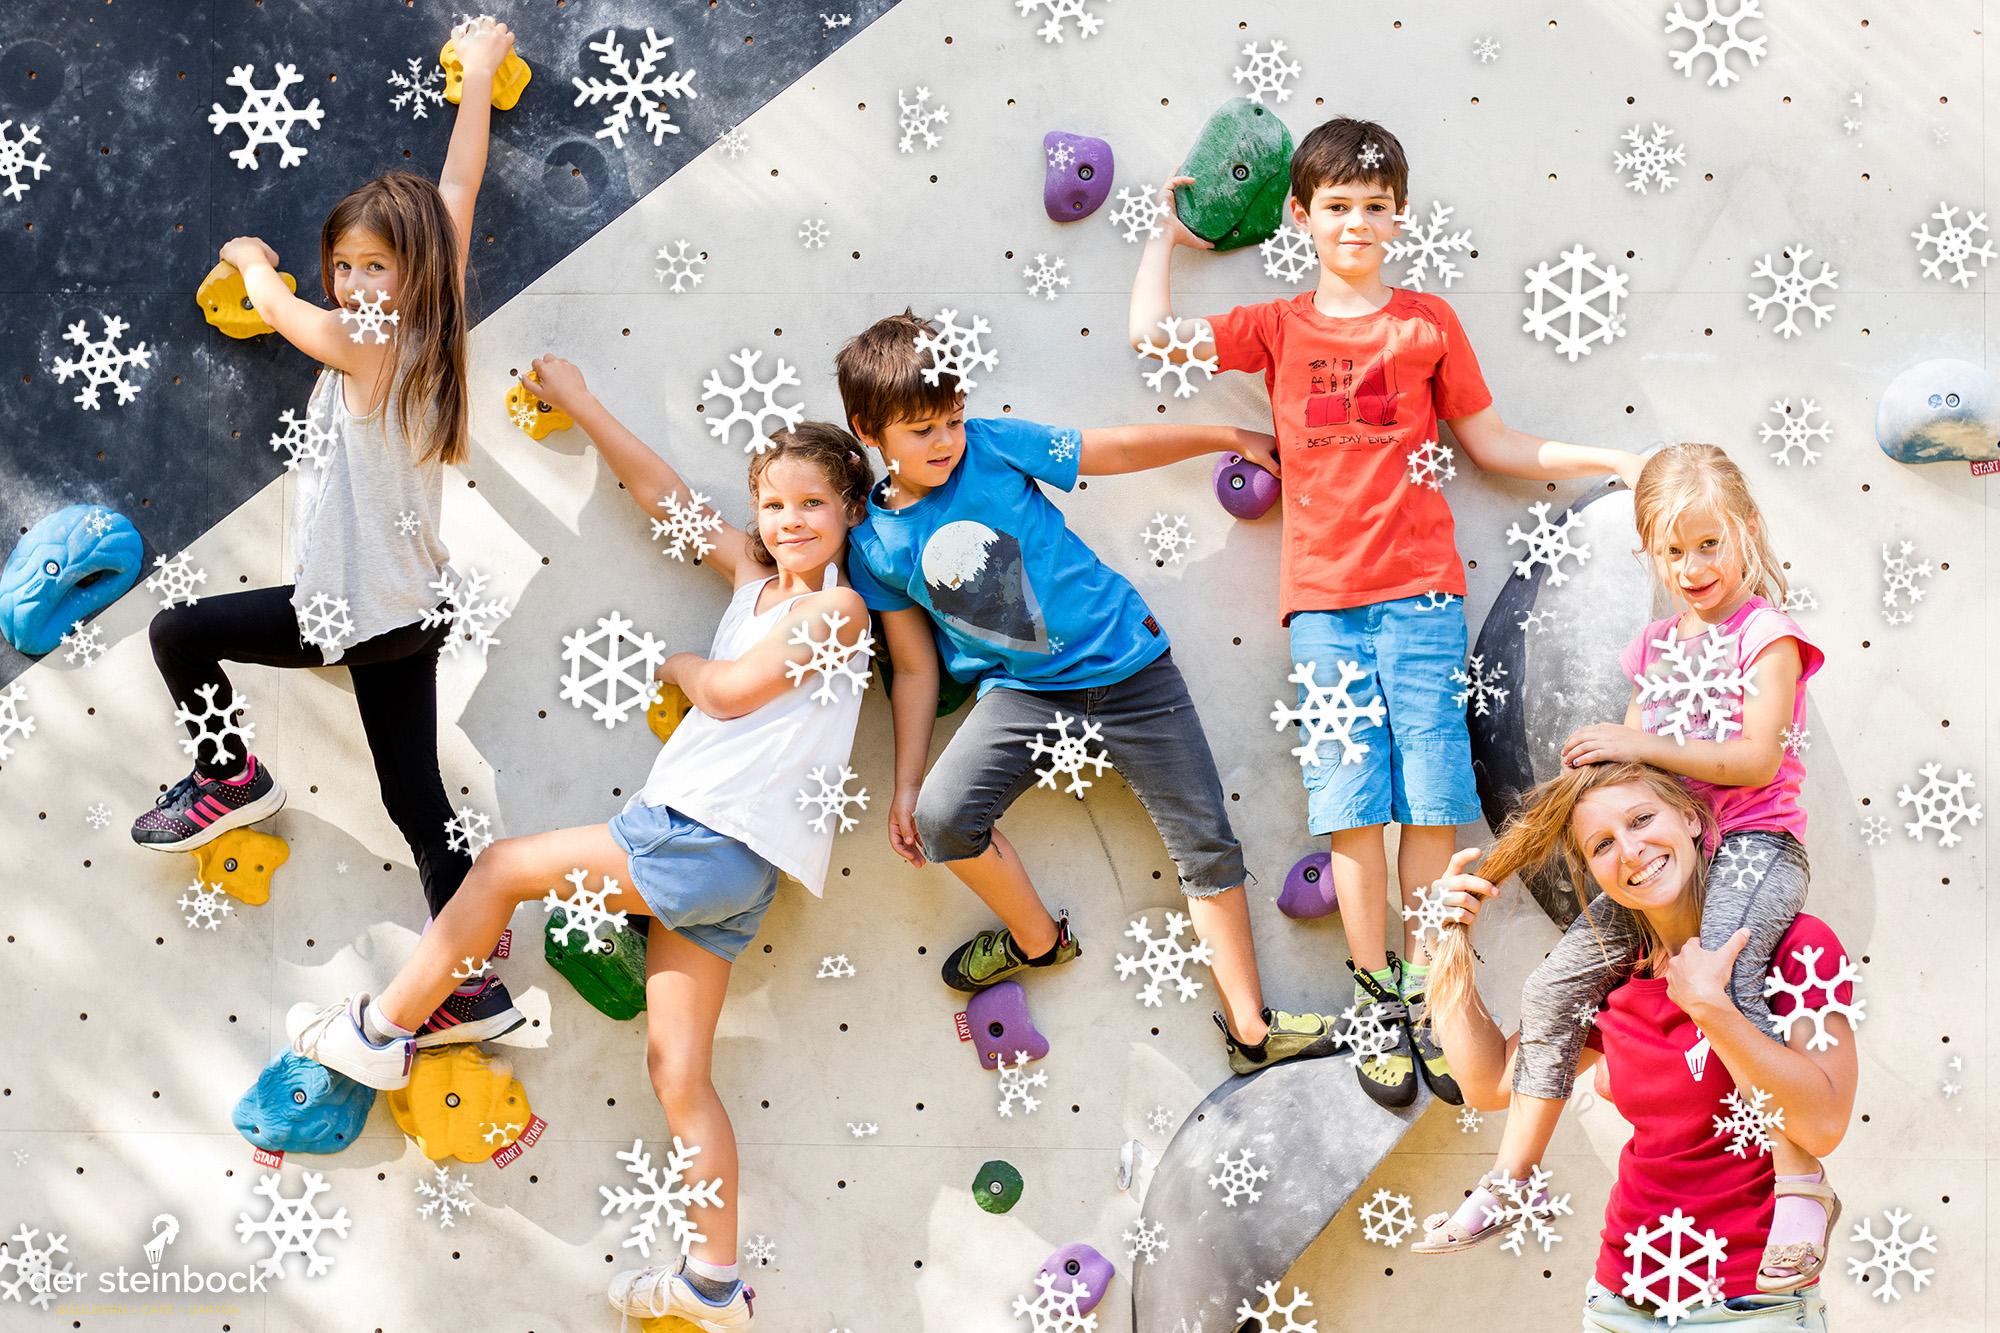 Bild_Kinderferienkurs_Winterferien.jpg